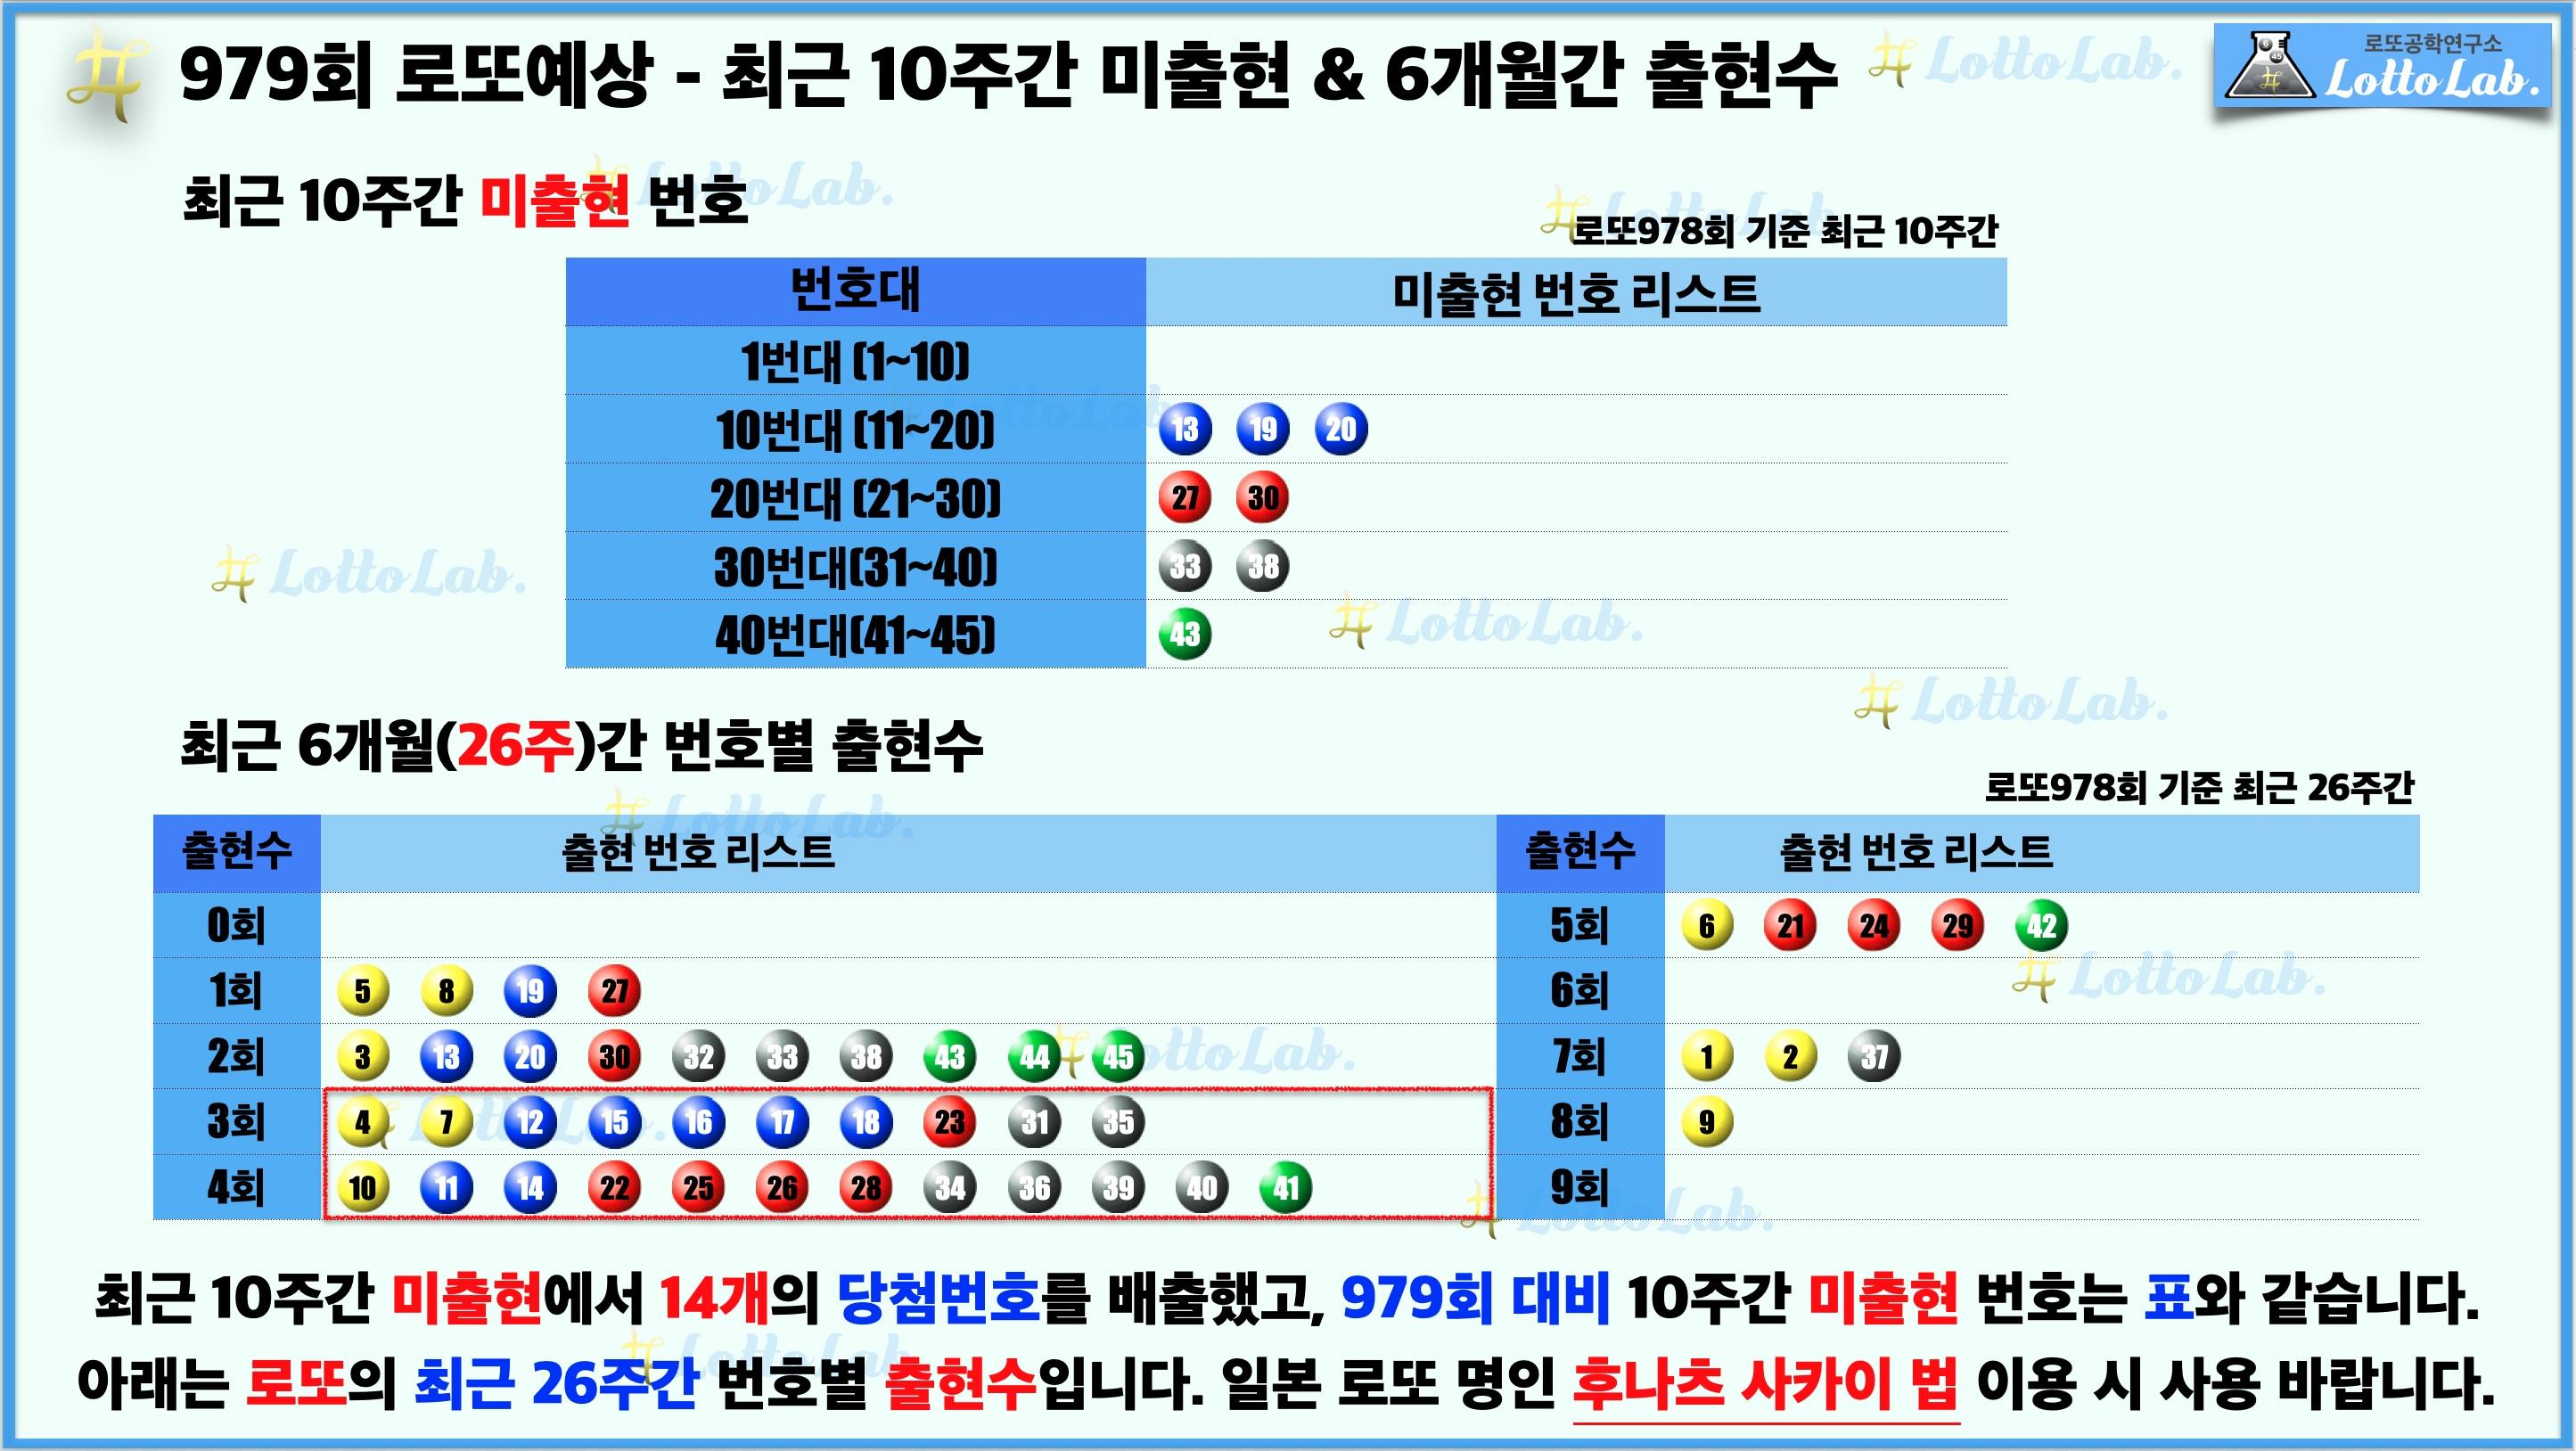 로또랩 로또979 당첨 번호 예상 - 미출현 출현수